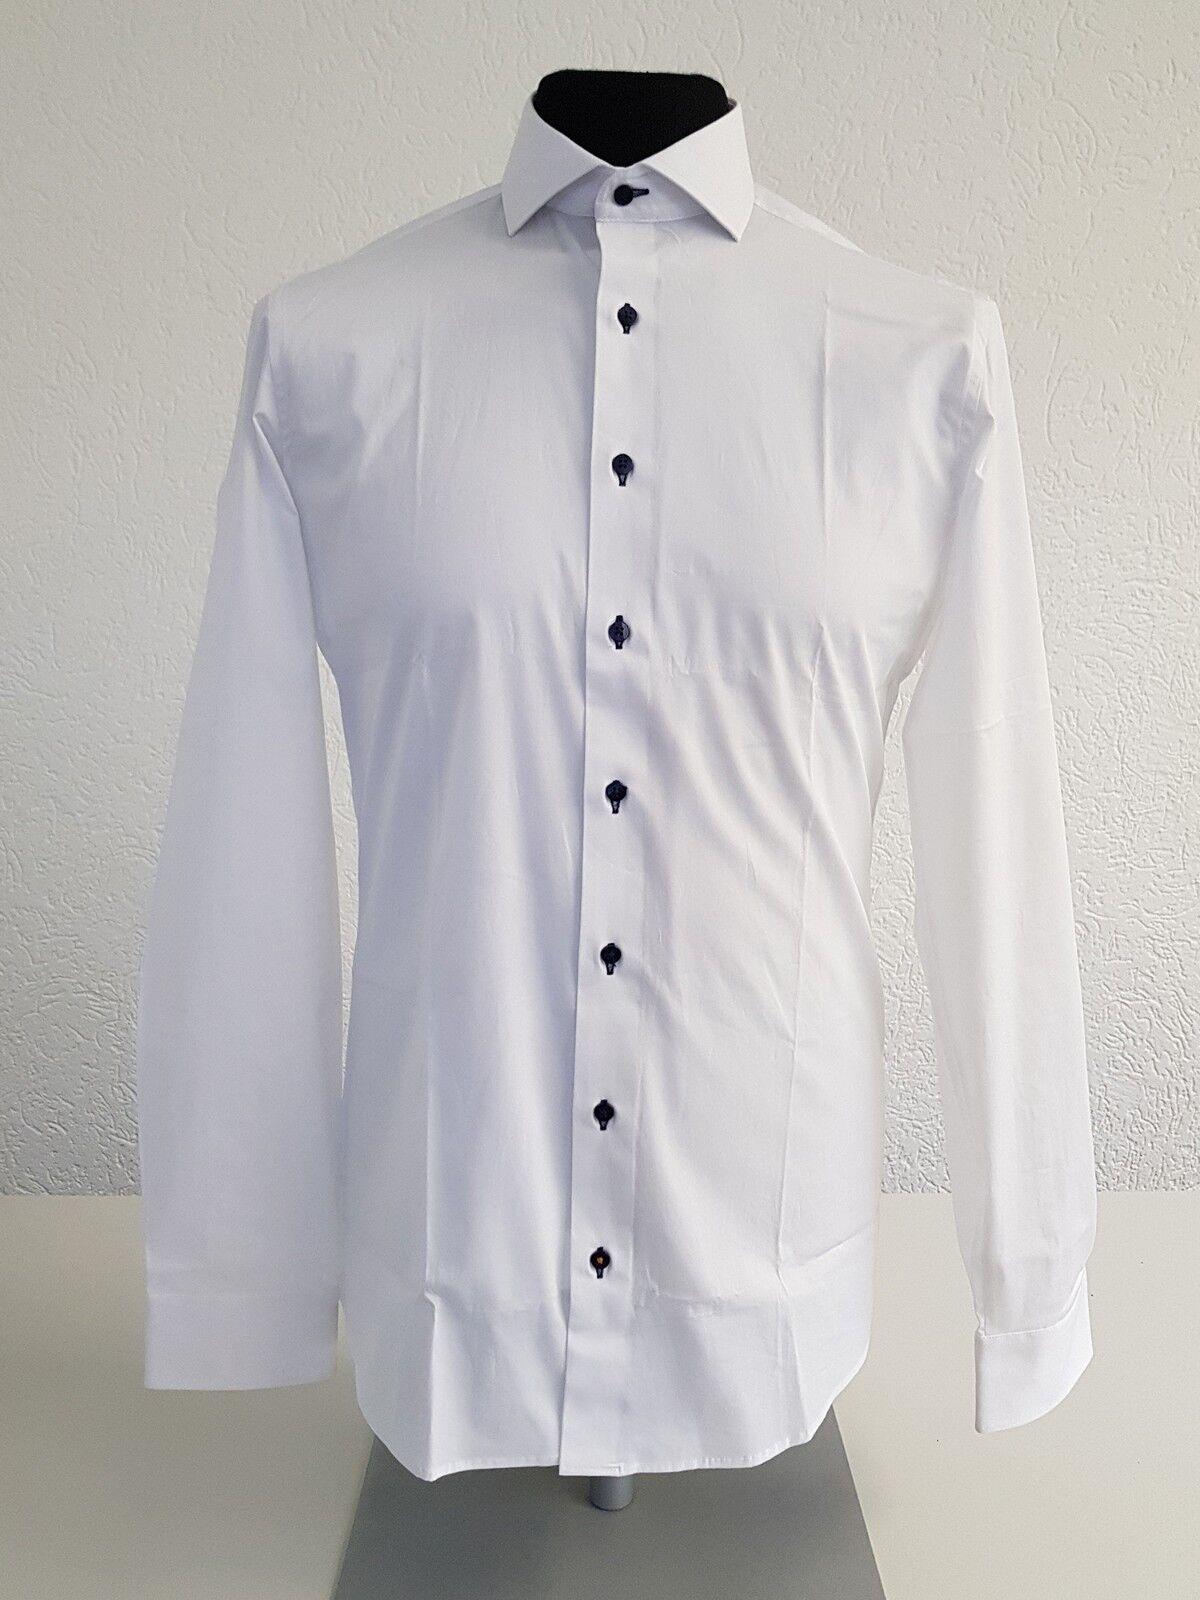 ETERNA Herrenhemd slim fit - weiß - - - Kragenweite 38 - 4677 00 F182  24 2cdfc4